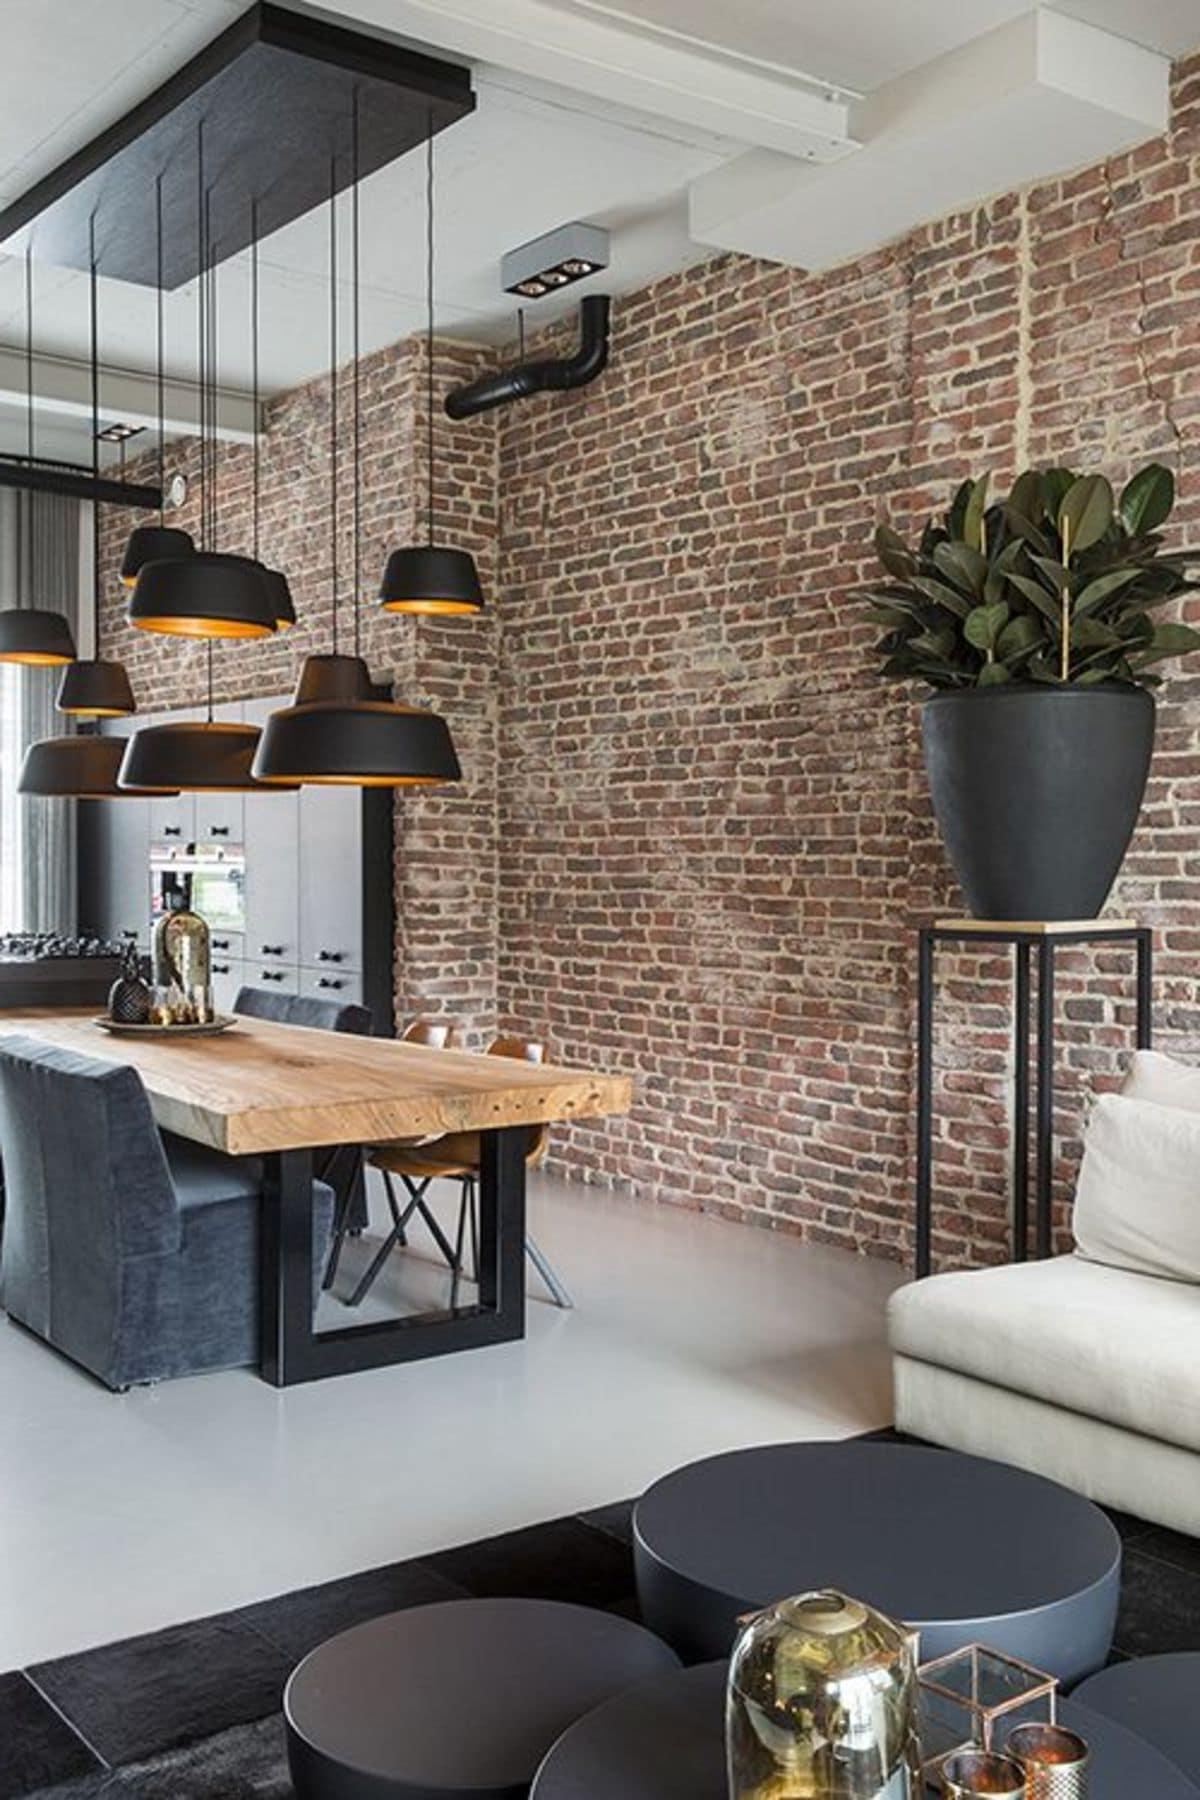 Большие подвесные лампы гармонирует с остальными элементами декора в черном цвете